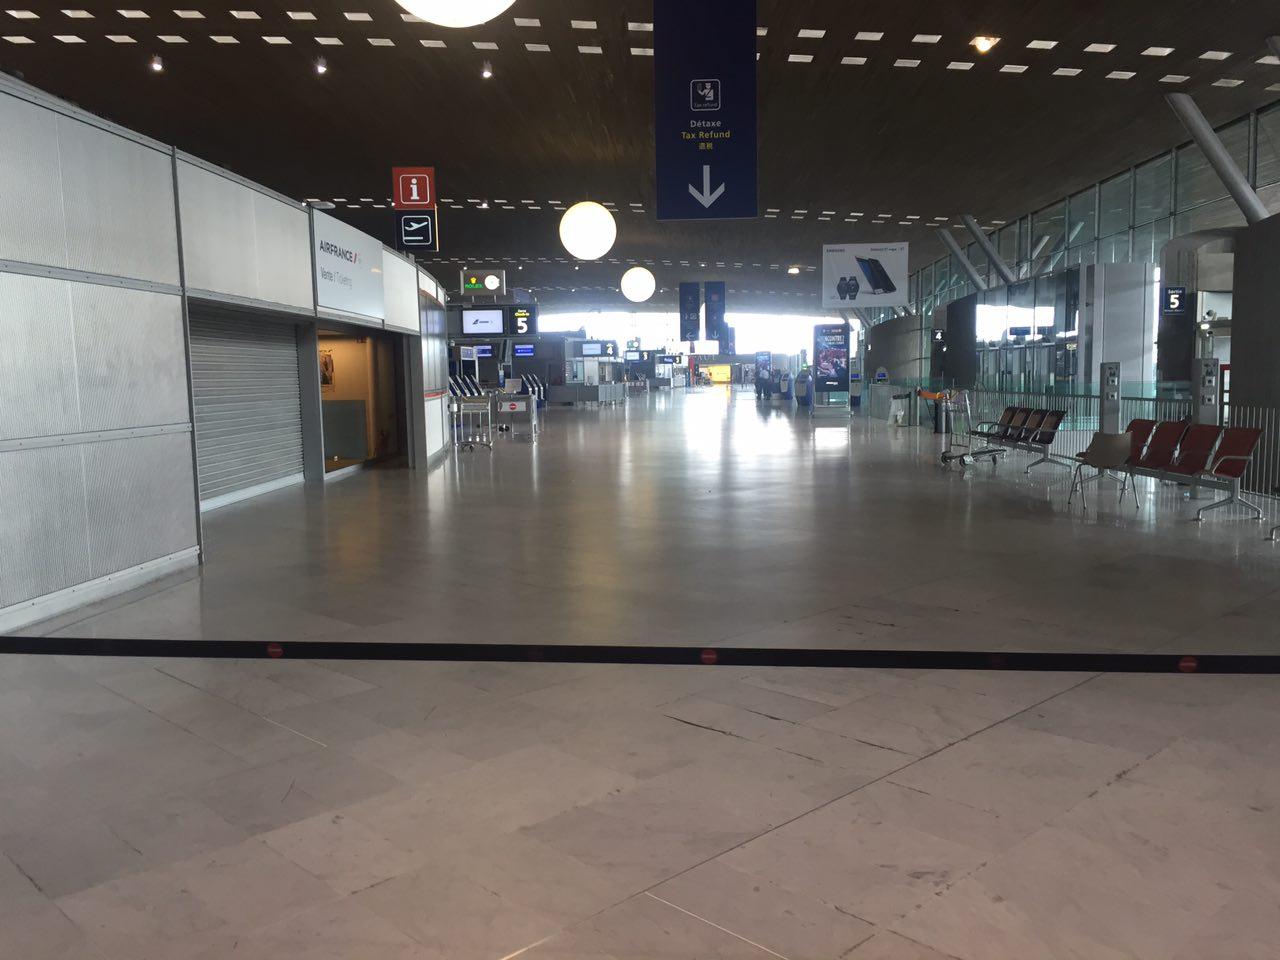 Полиция оцепила часть аэропорта Шарль-де-Голль из-за неизвестной сумки